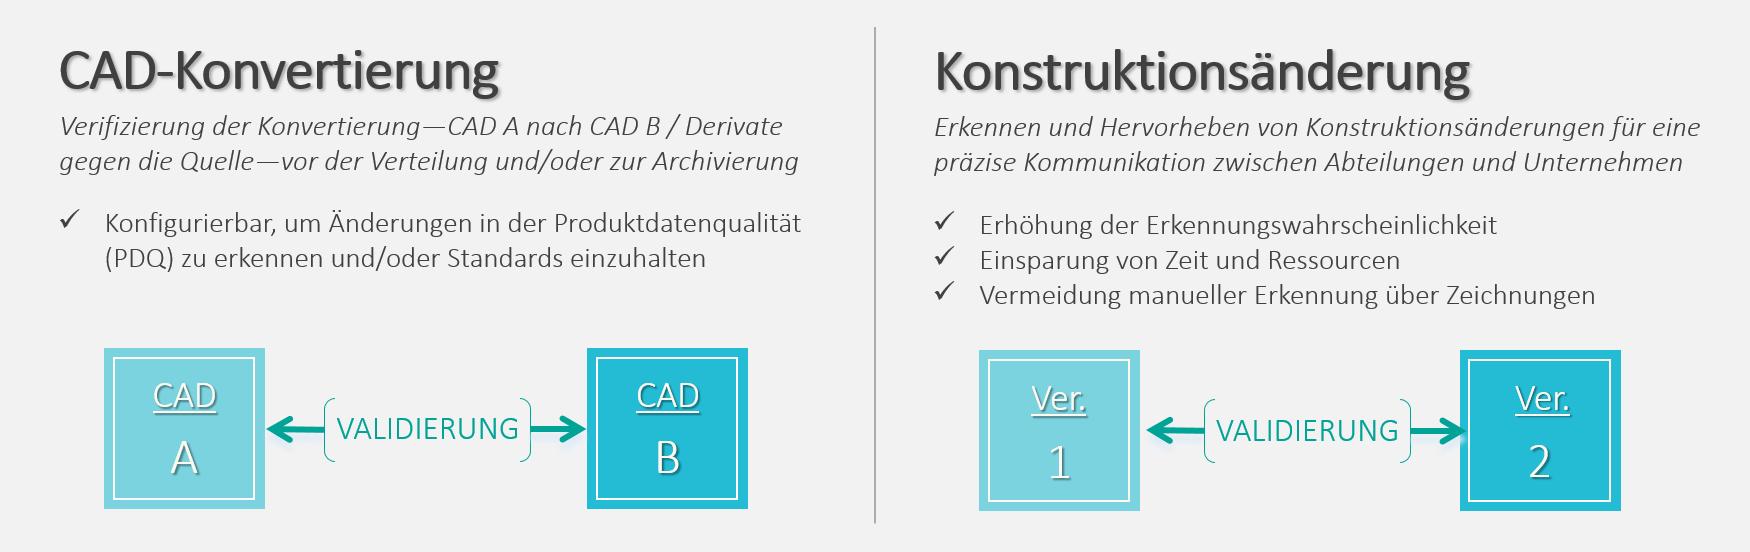 Ziemlich Validierung Masterplan Vorlage Galerie - Entry Level Resume ...